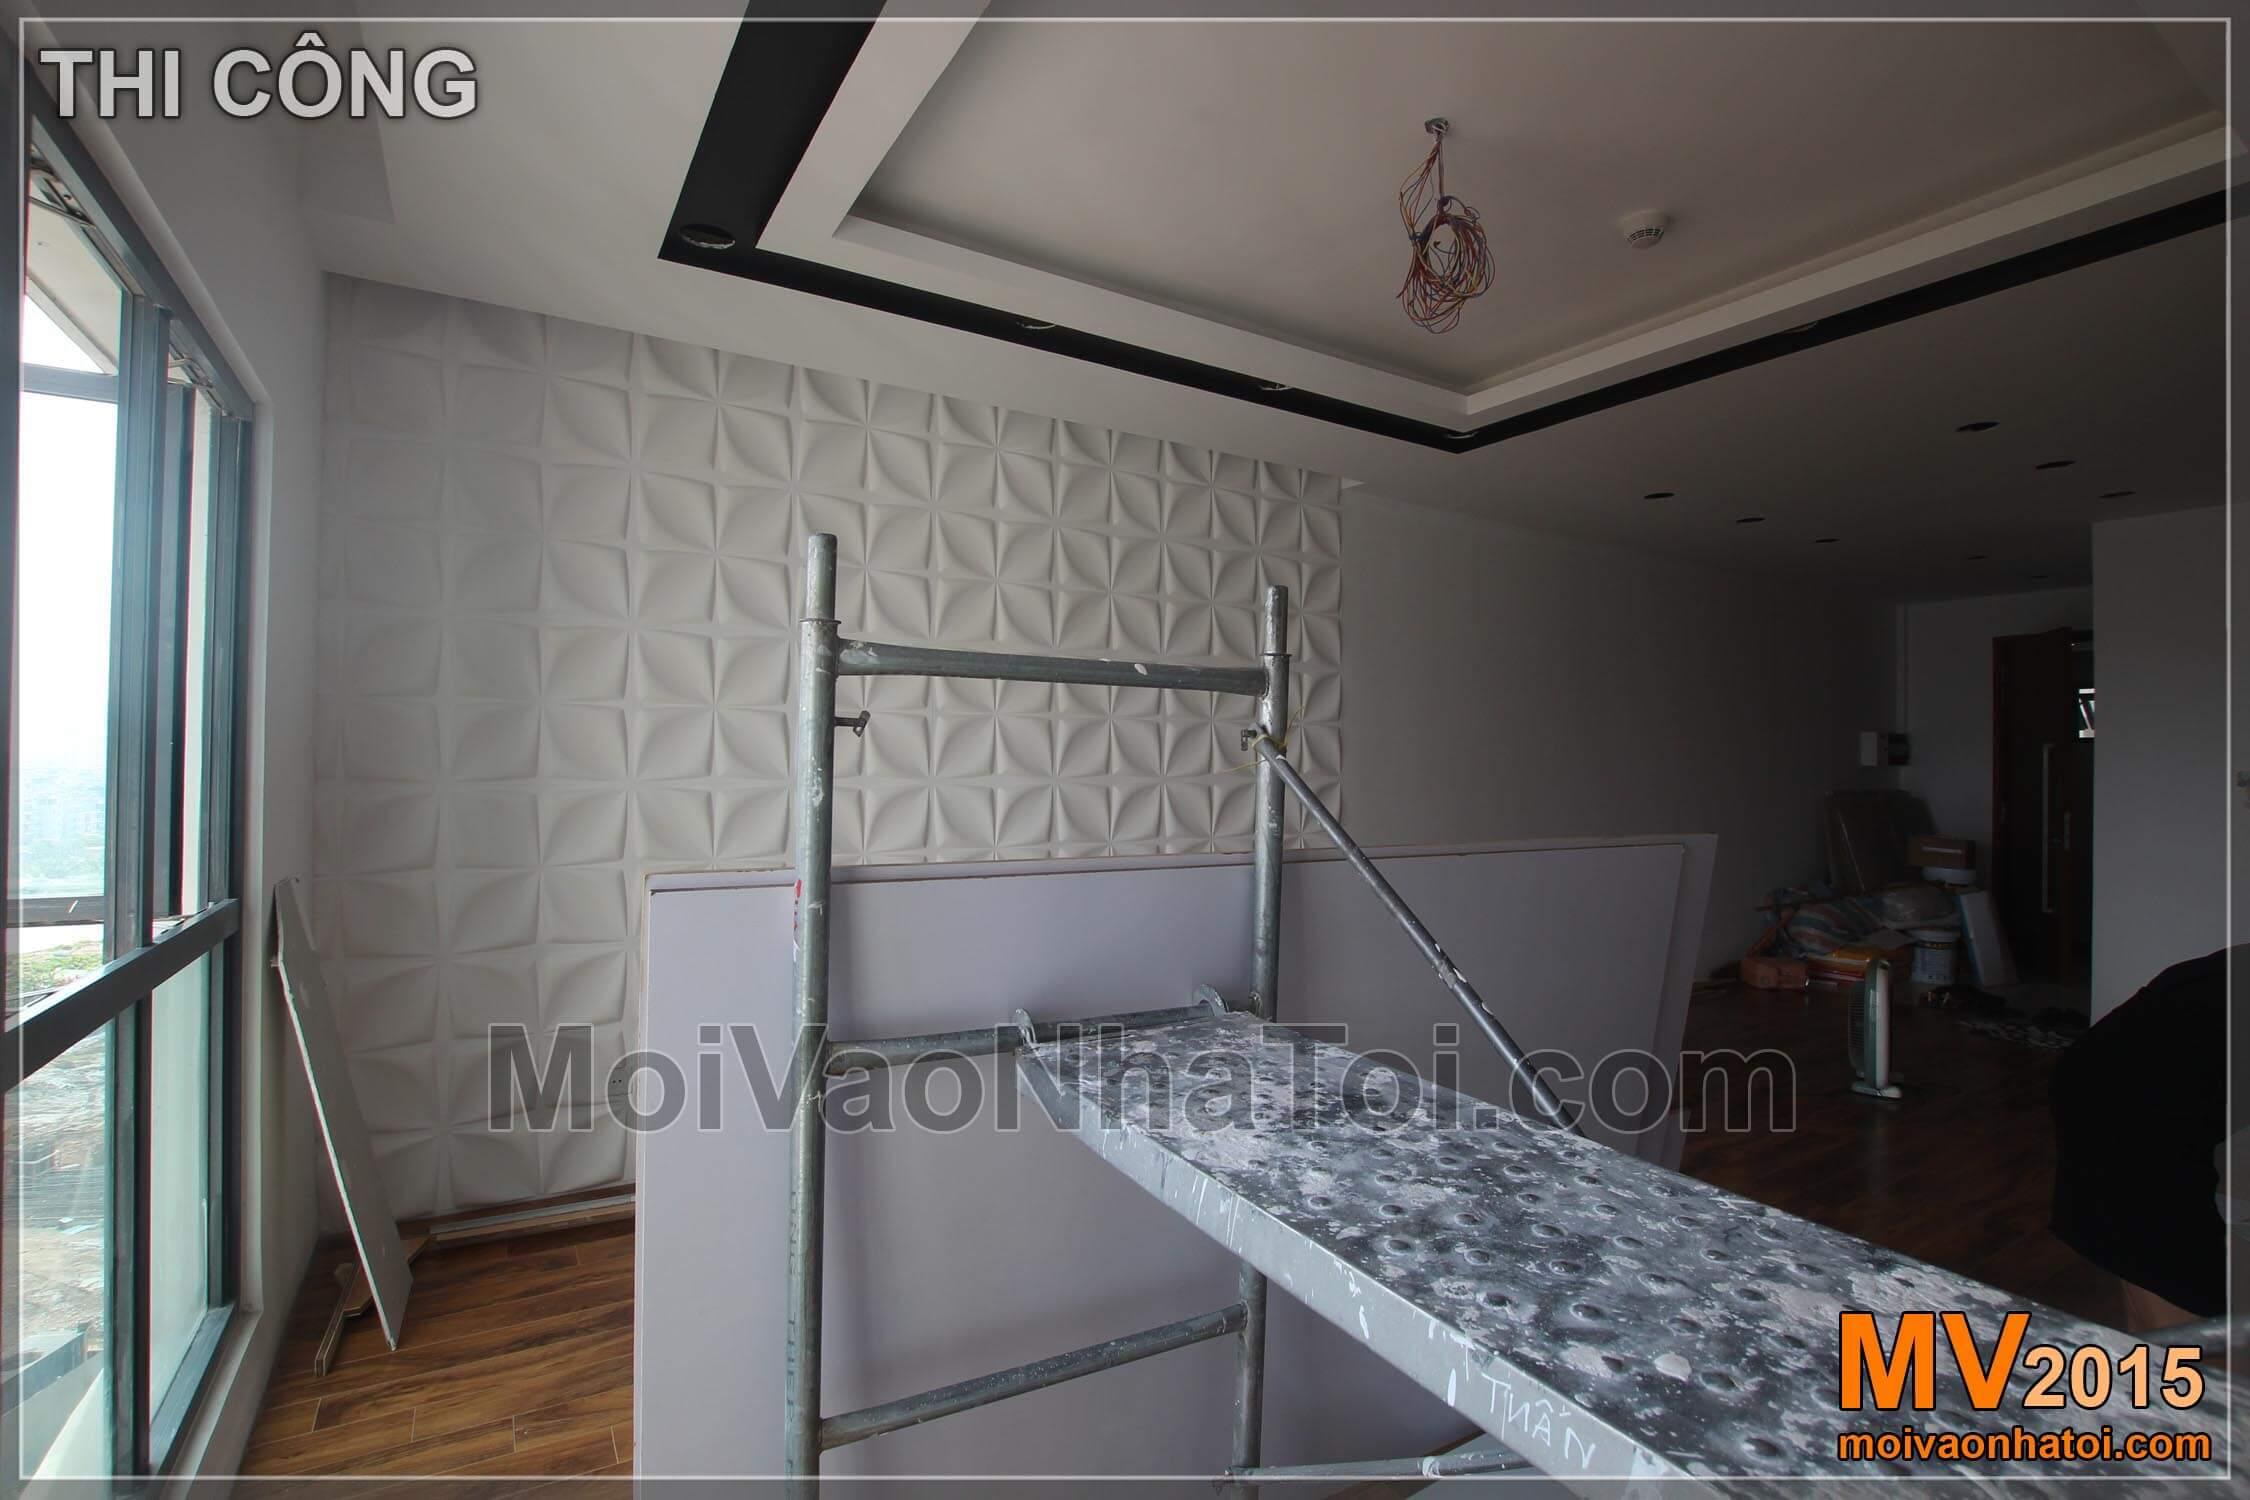 Quá trình thi công mảng tường sau lưng sofa